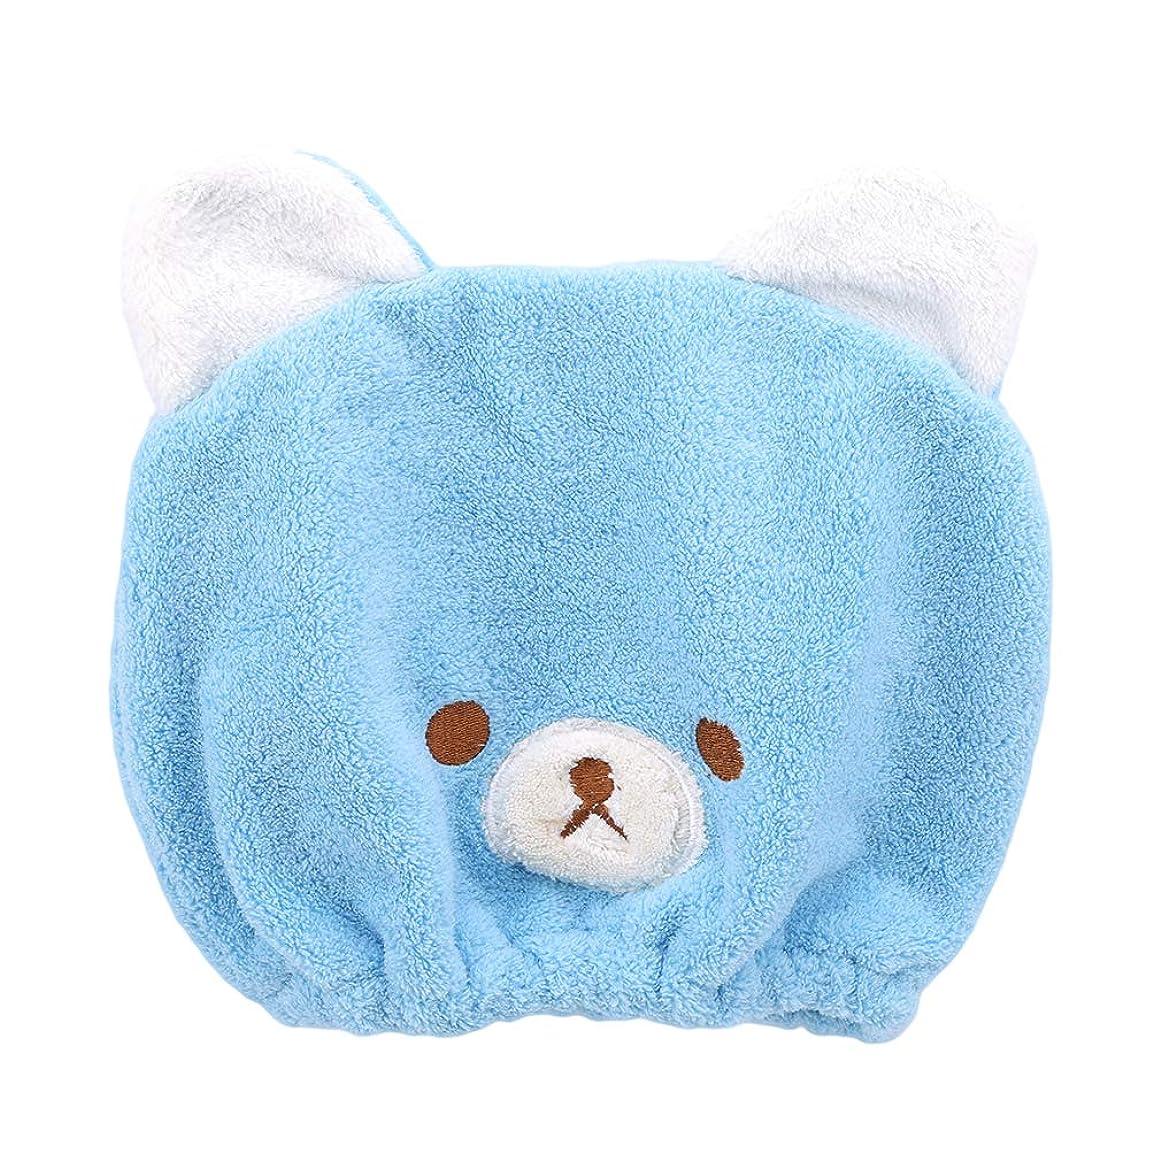 積極的に請負業者回転HKUN タオルキャップ ヘアドライタオル 動物 子供 ドライキャップ ヘアキャップ 吸水タオル 速乾 可愛い お風呂